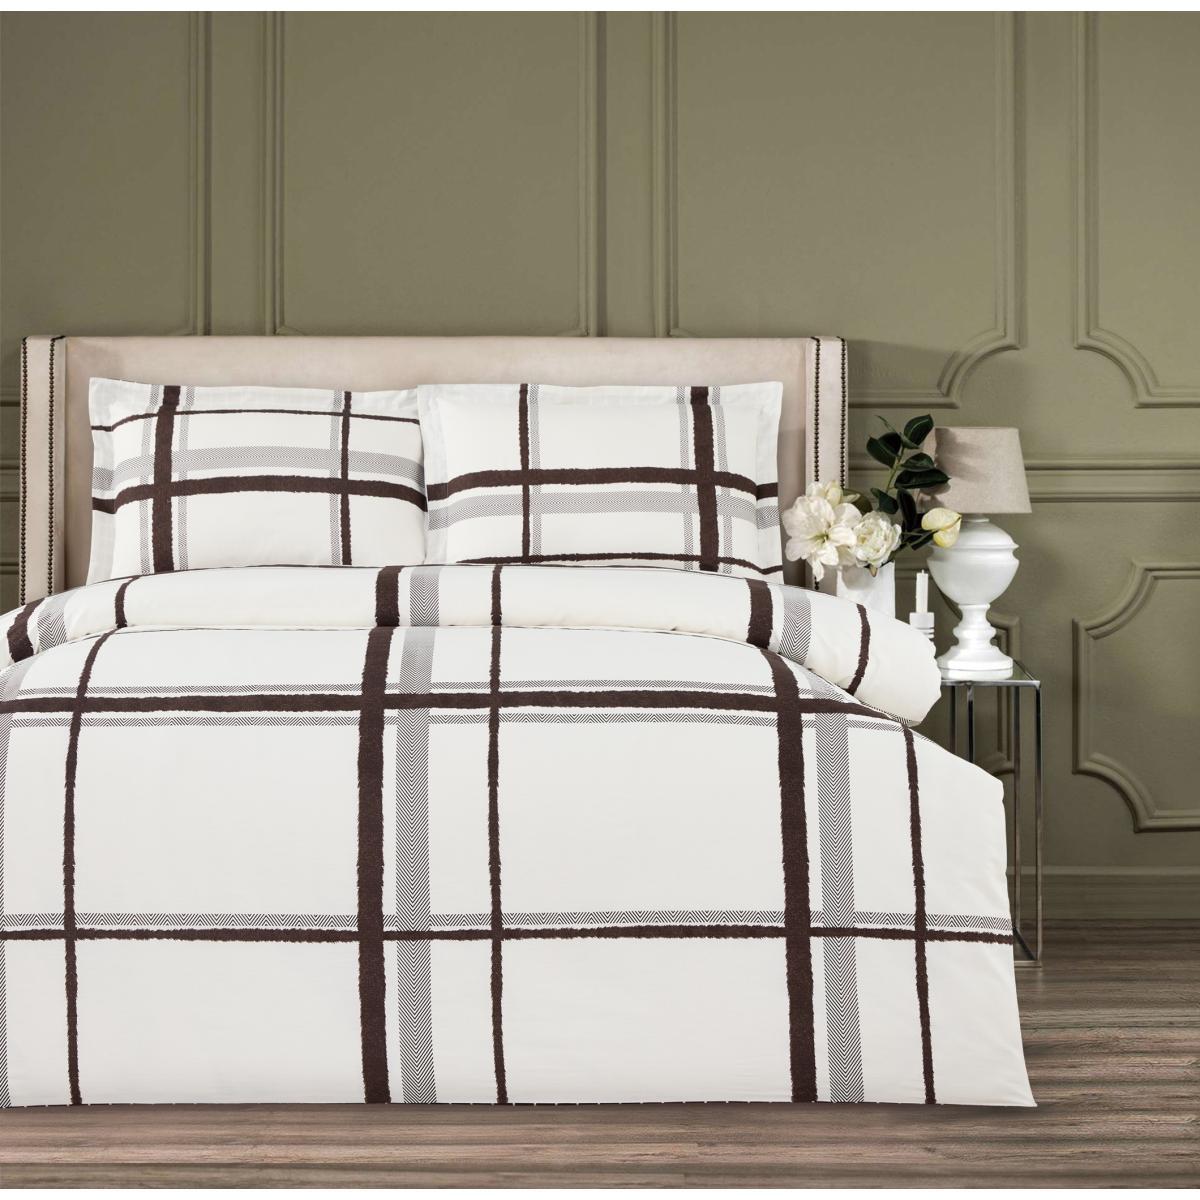 Комплект постельного белья Arya двуспальный Simple Living Afra 200х220 см. (A106993)